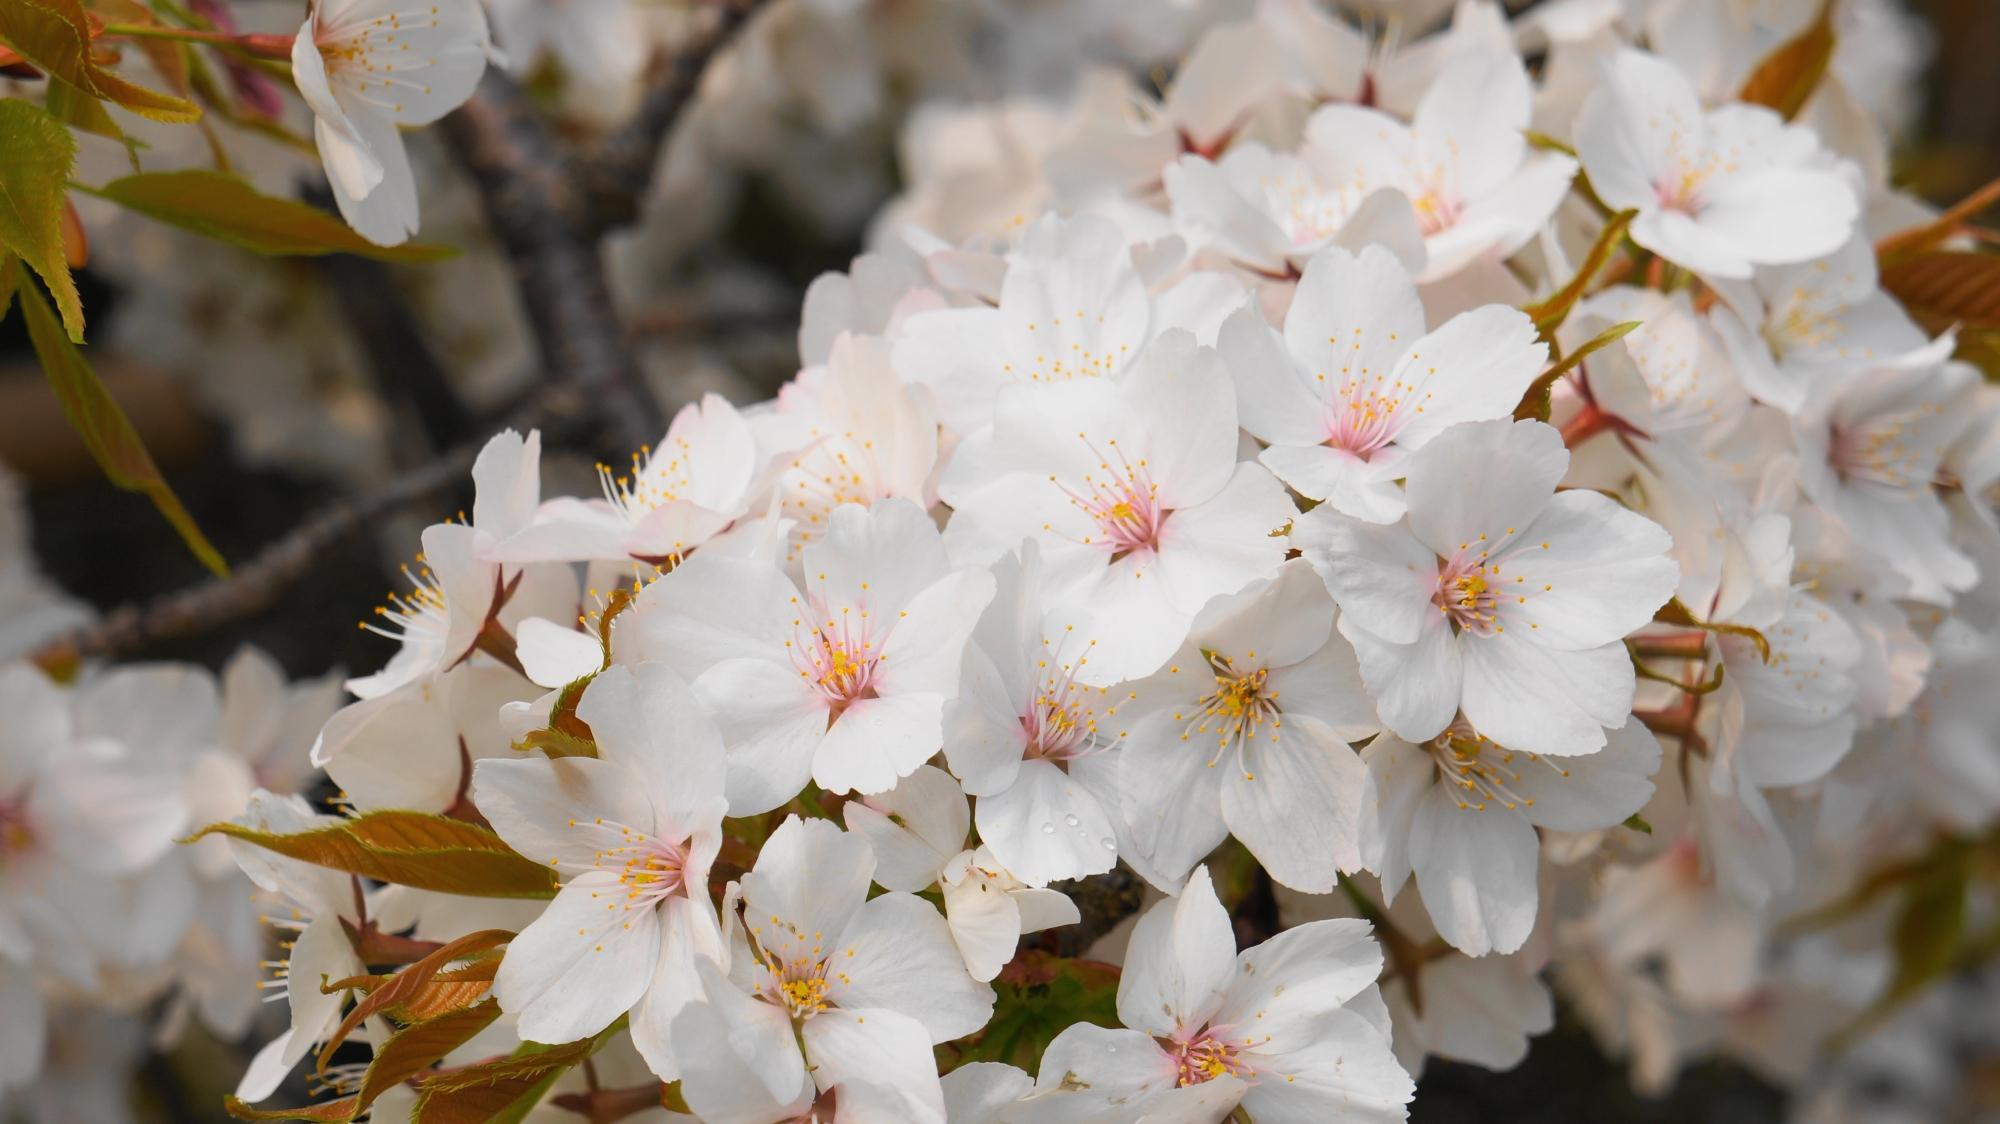 近くで見るとほんのり可愛い桜の花